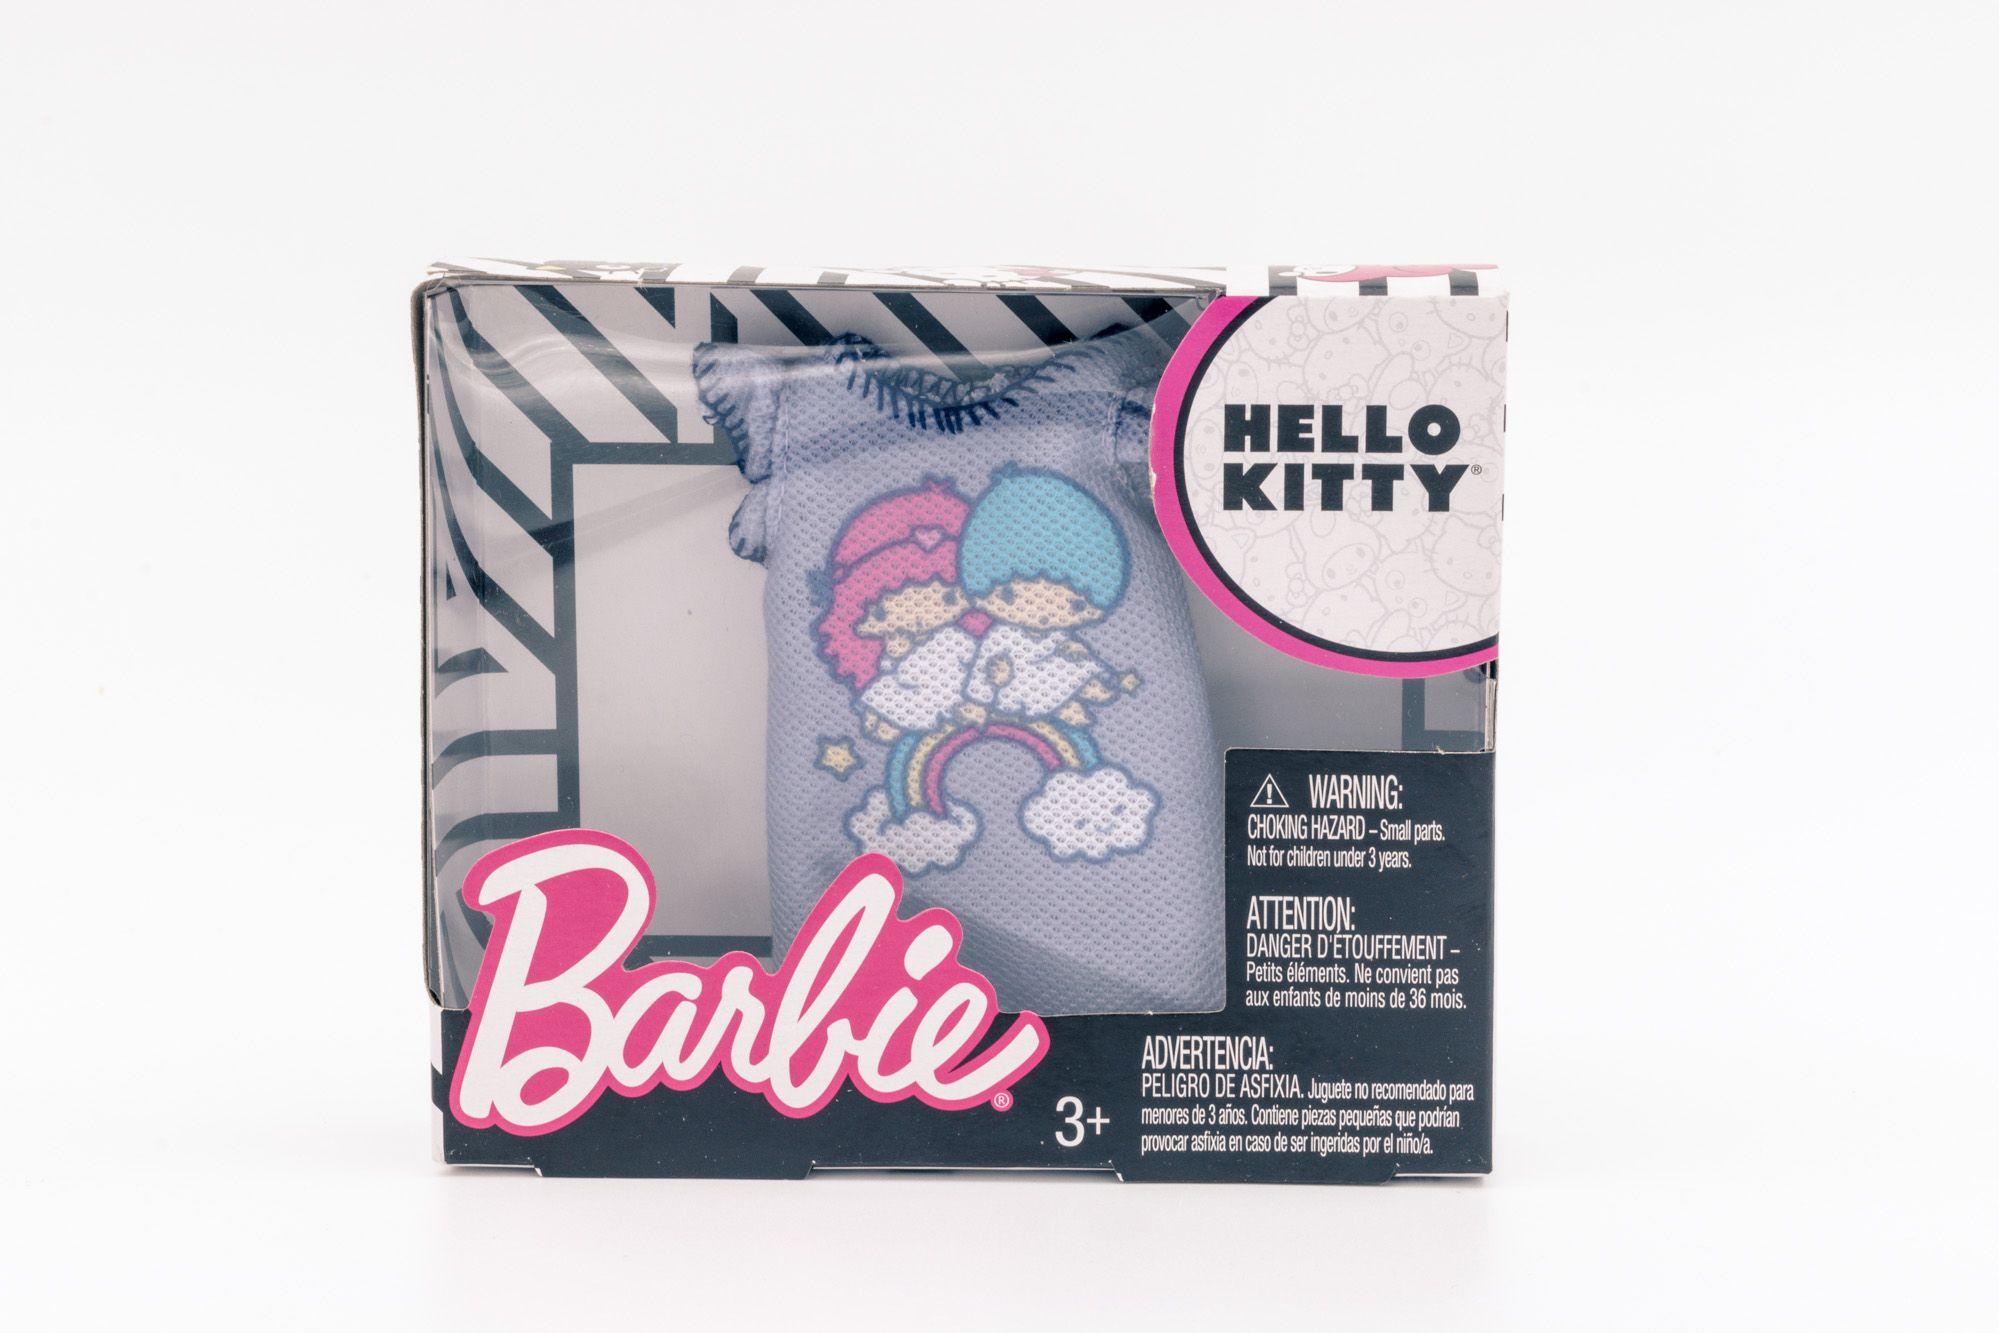 Barbie Hello Kitty modni dodatak ljubičasta majica